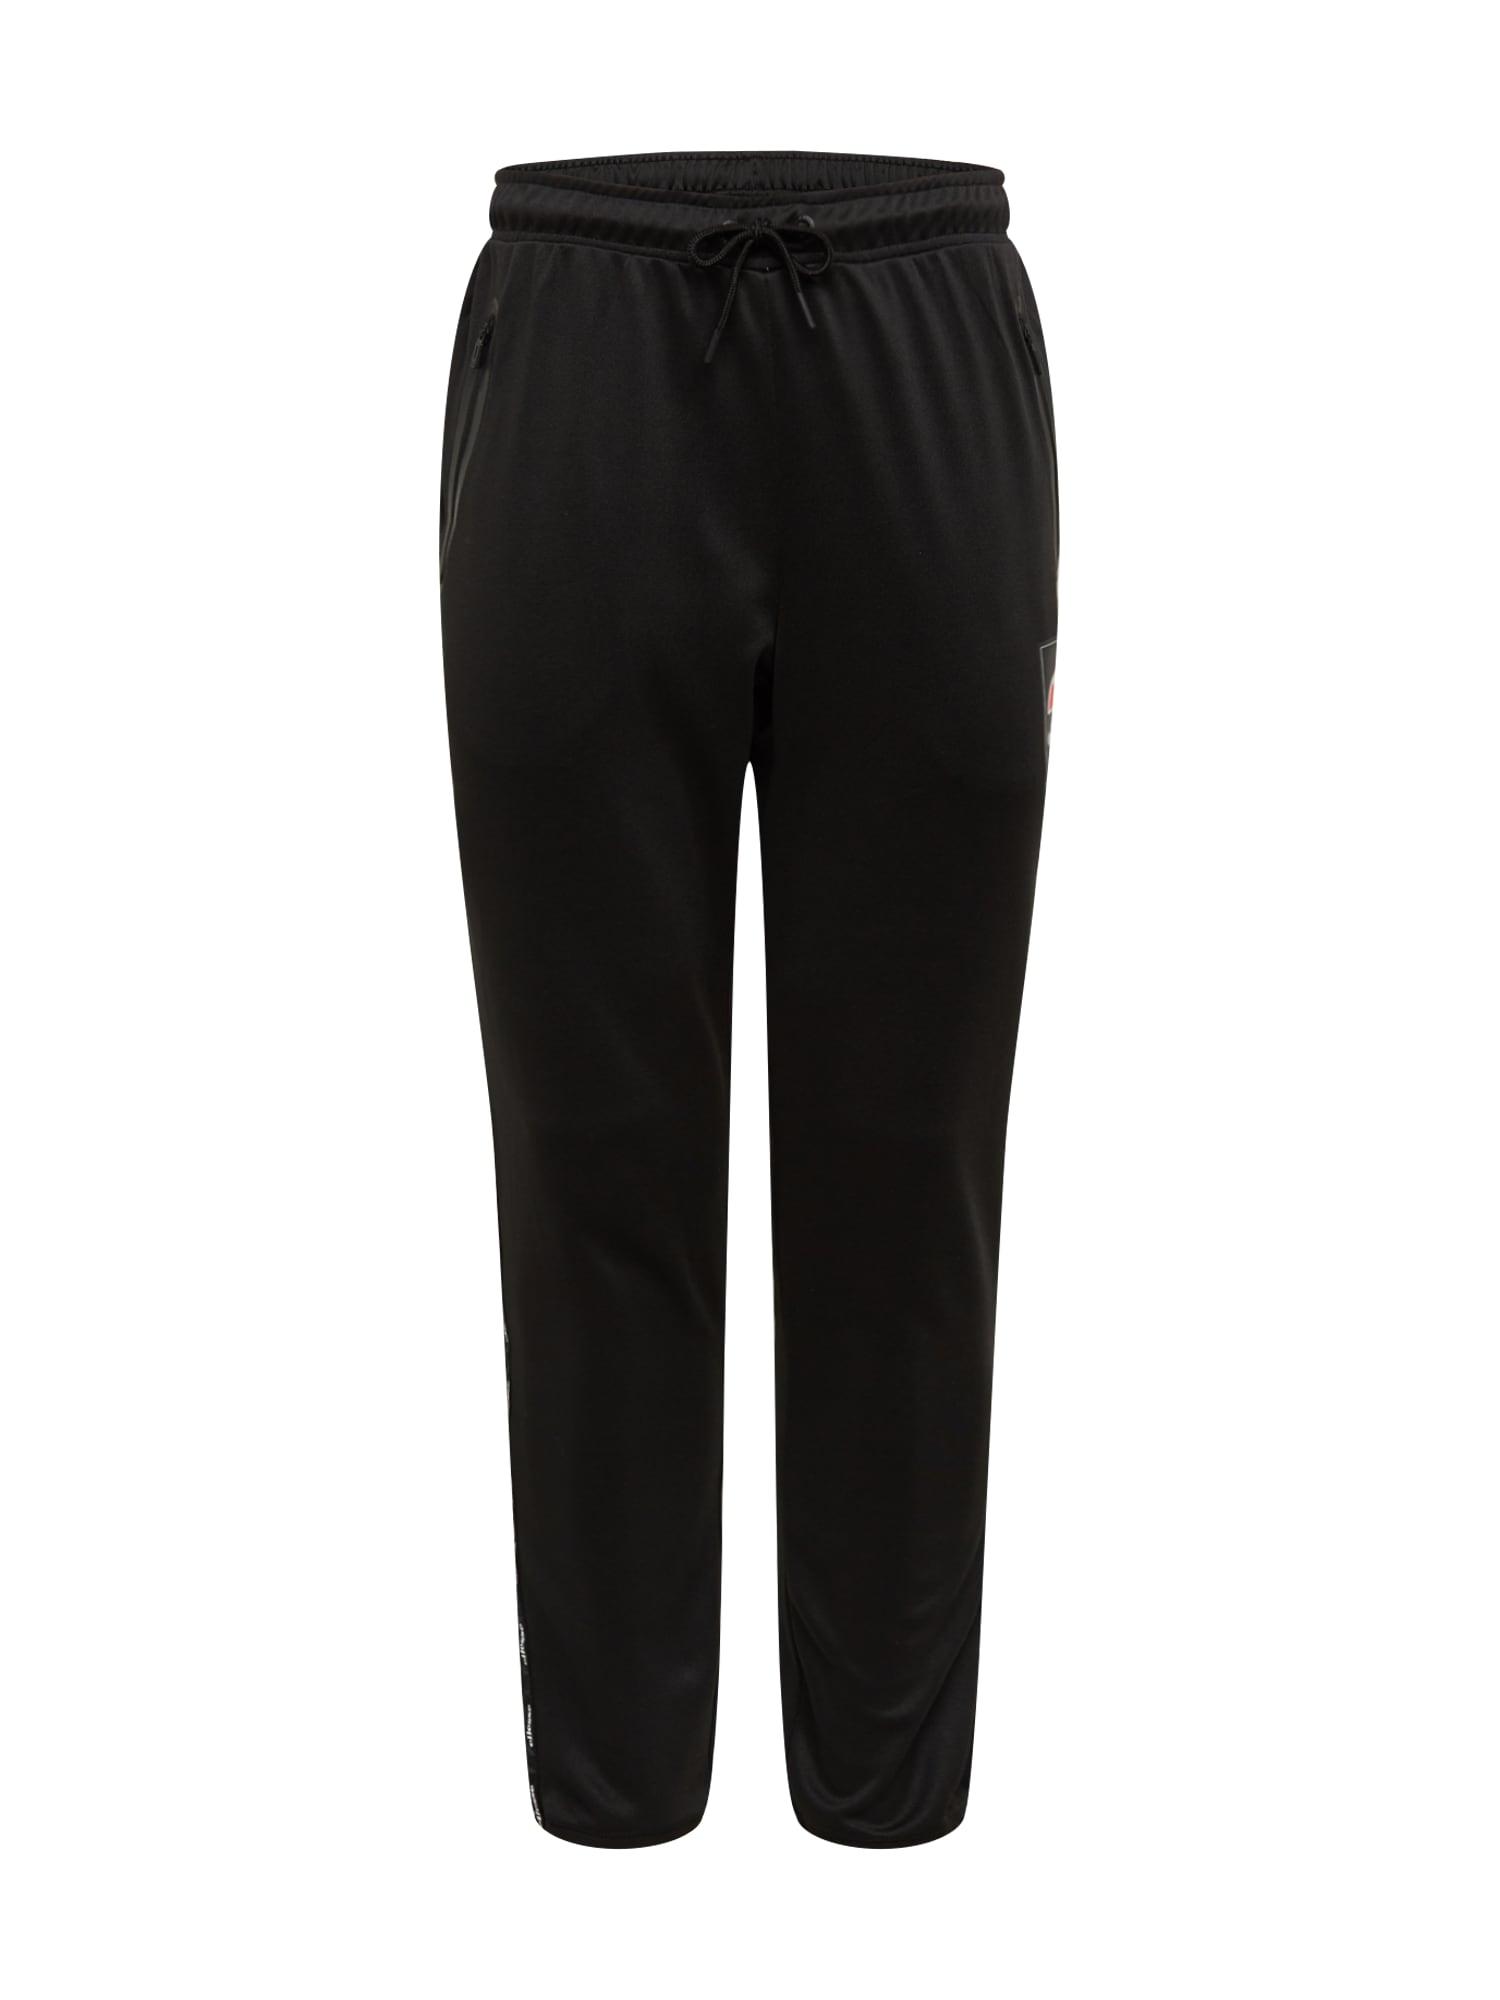 ELLESSE Sportinės kelnės 'Olona' juoda